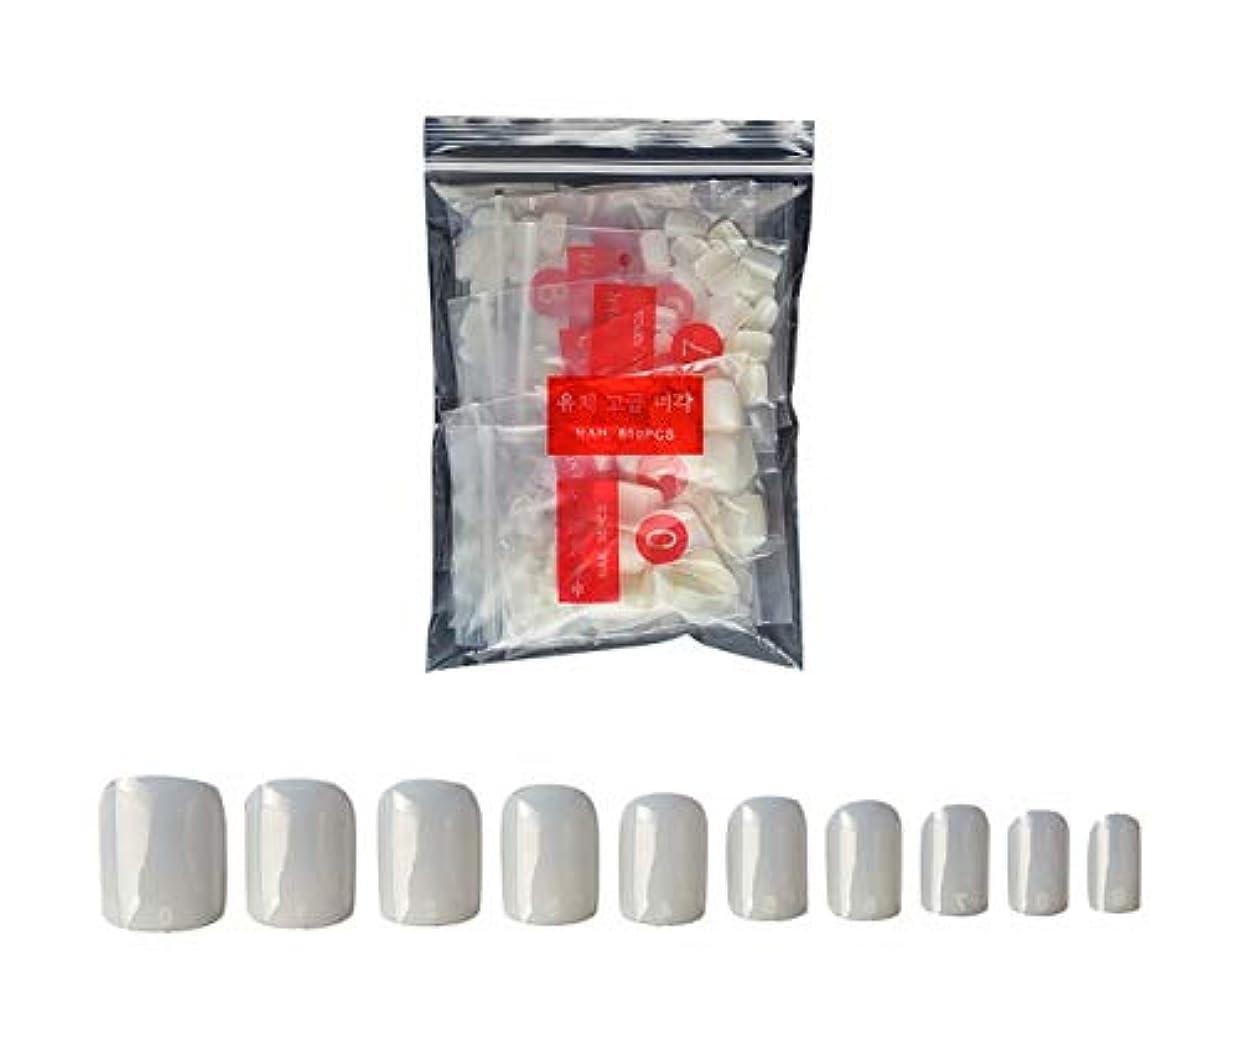 クラックポット戦うランデブーTianmey ナチュラルまあネイルのヒントハーフカバー偽の釘自宅でネイルサロンやDIYネイルアートのための10個のサイズを(ナチュラル) (Color : Natural)